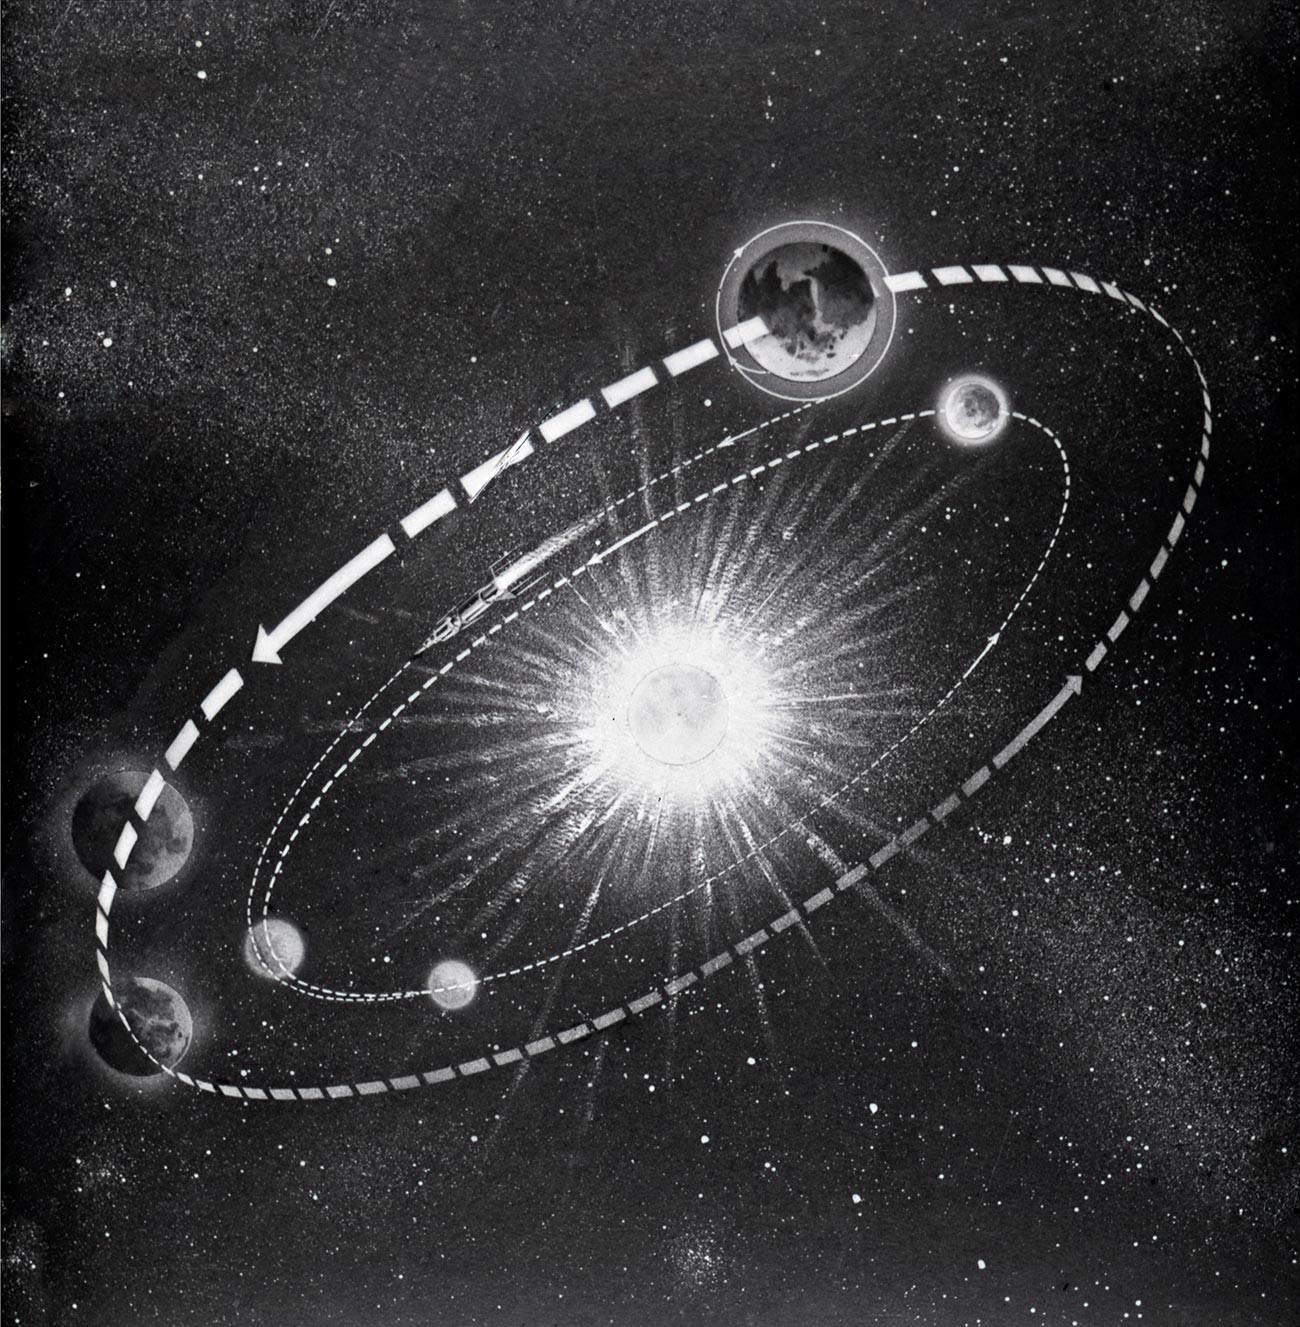 """Схема лета космичког апарата """"Венера 1"""", лансираног у Совјетском Савезу 12. фебруара 1961. године."""